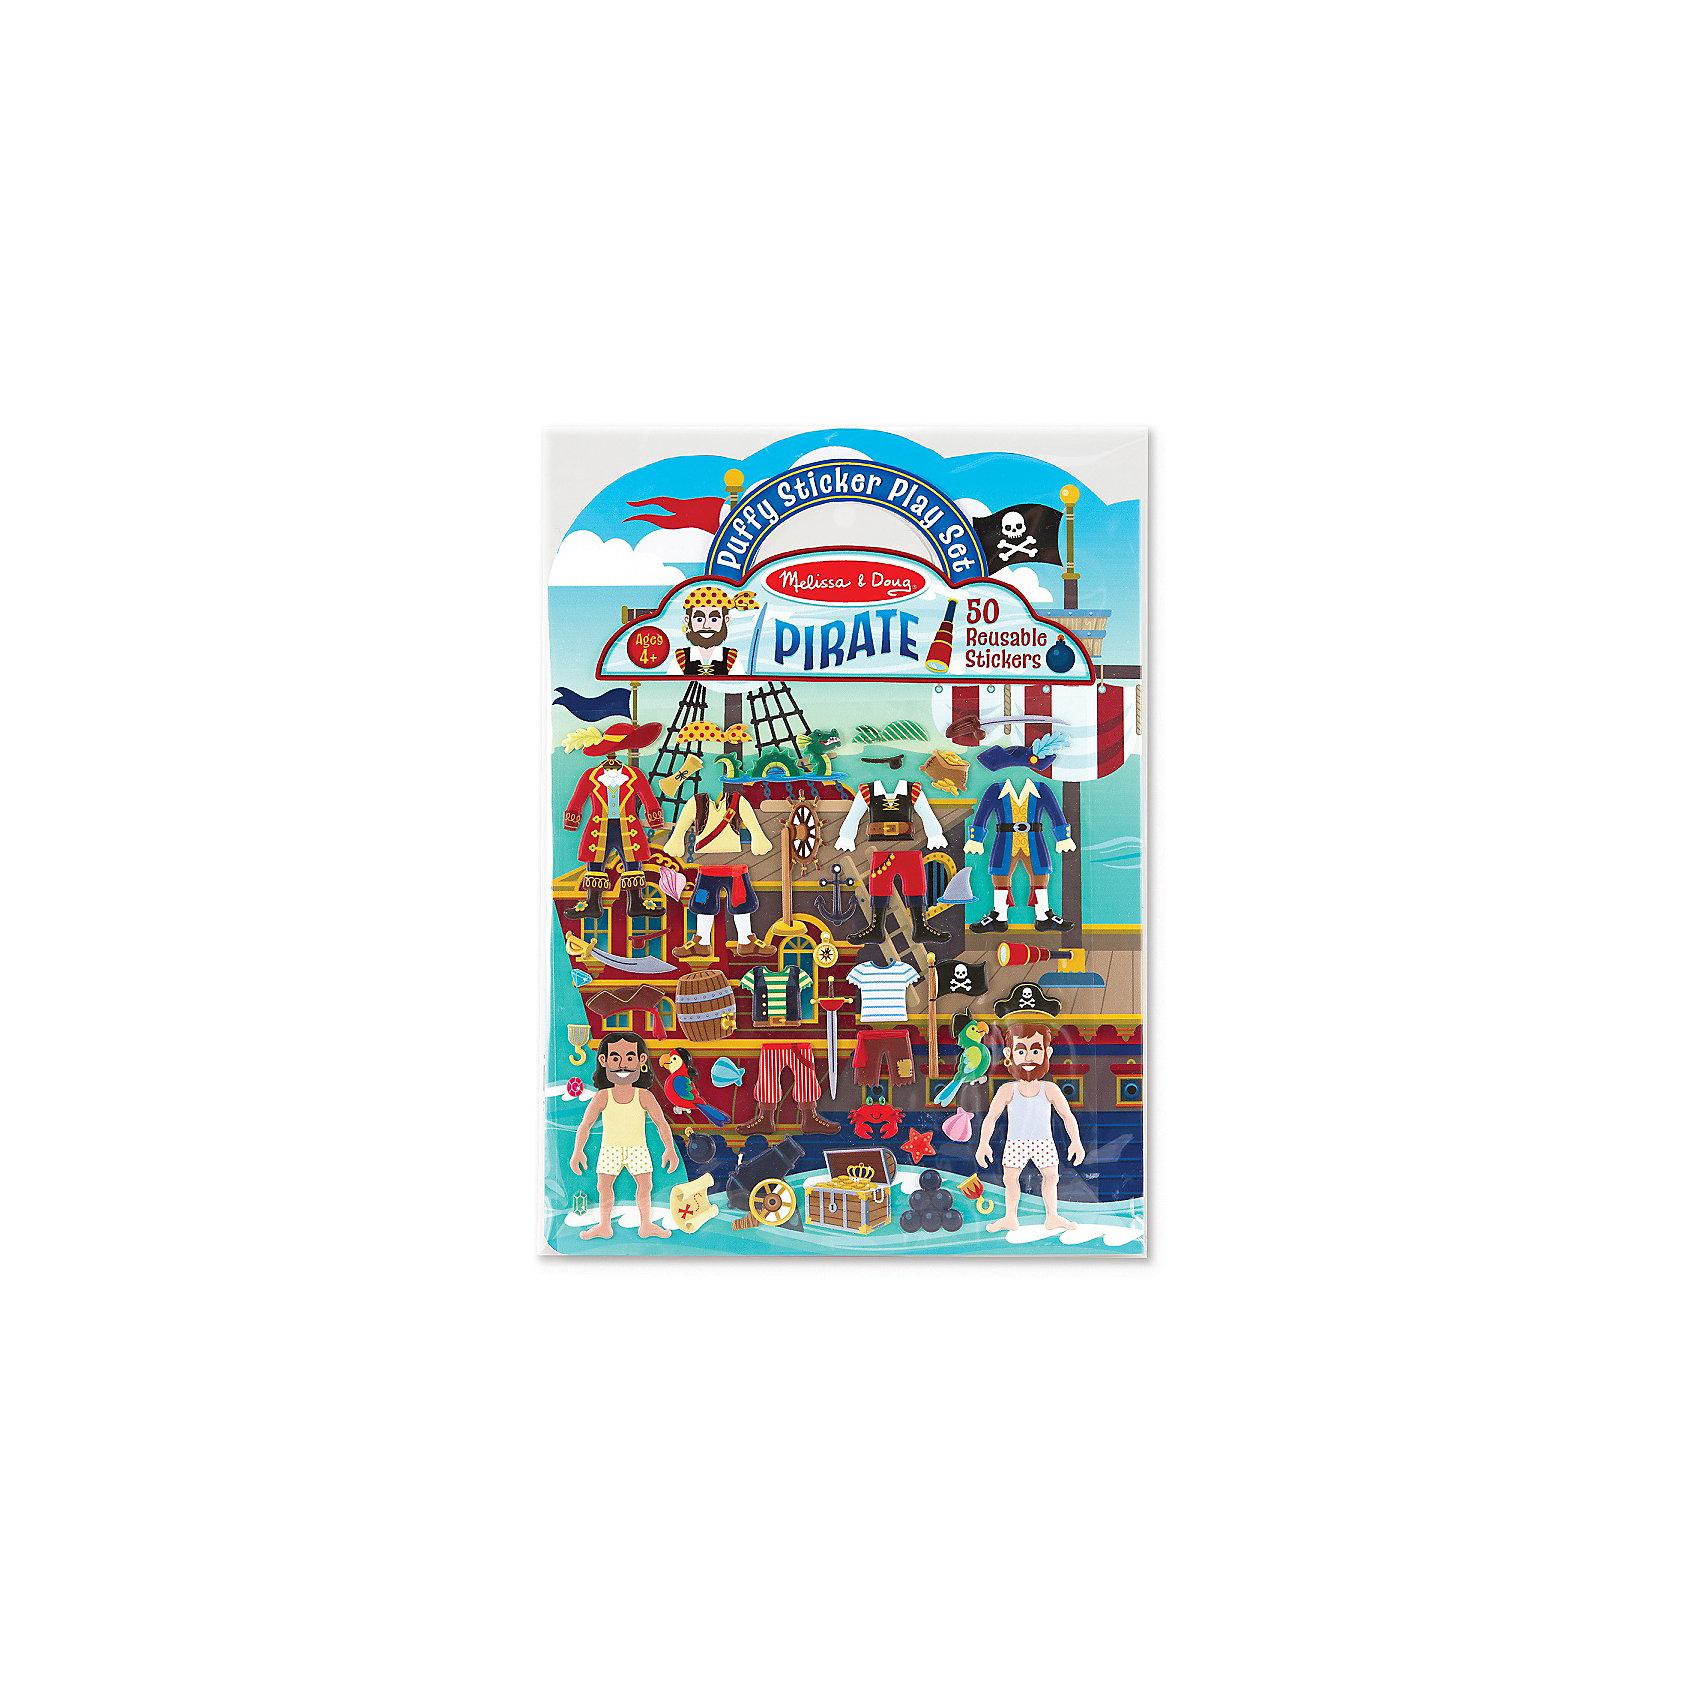 Книжка с многоразовыми наклейками ПиратыКнижки с наклейками<br>Такой набор - это отличный вариант подарка ребенку, который одновременно и развлечет малыша, и позволит ему развивать важные навыки. Это способствует развитию у малышей мелкой моторики, цветовосприятия, художественного вкуса, внимания и воображения. <br>Набор состоит из листов с заготовками, которые можно заполнять: одевать пиратов и создавать соответсвующий антураж с помощью наклеек. Это очень увлекательно! Набор отличается простотой использования и отличным качеством исполнения. <br><br>Дополнительная информация:<br><br>комплектация: 2 листа с фоном, 50 наклеек;<br>материал: бумага.<br><br>Набор стикеров Пираты от бренда Melissa&amp;Doug можно купить в нашем магазине.<br><br>Ширина мм: 220<br>Глубина мм: 10<br>Высота мм: 290<br>Вес г: 91<br>Возраст от месяцев: 48<br>Возраст до месяцев: 84<br>Пол: Мужской<br>Возраст: Детский<br>SKU: 4993700